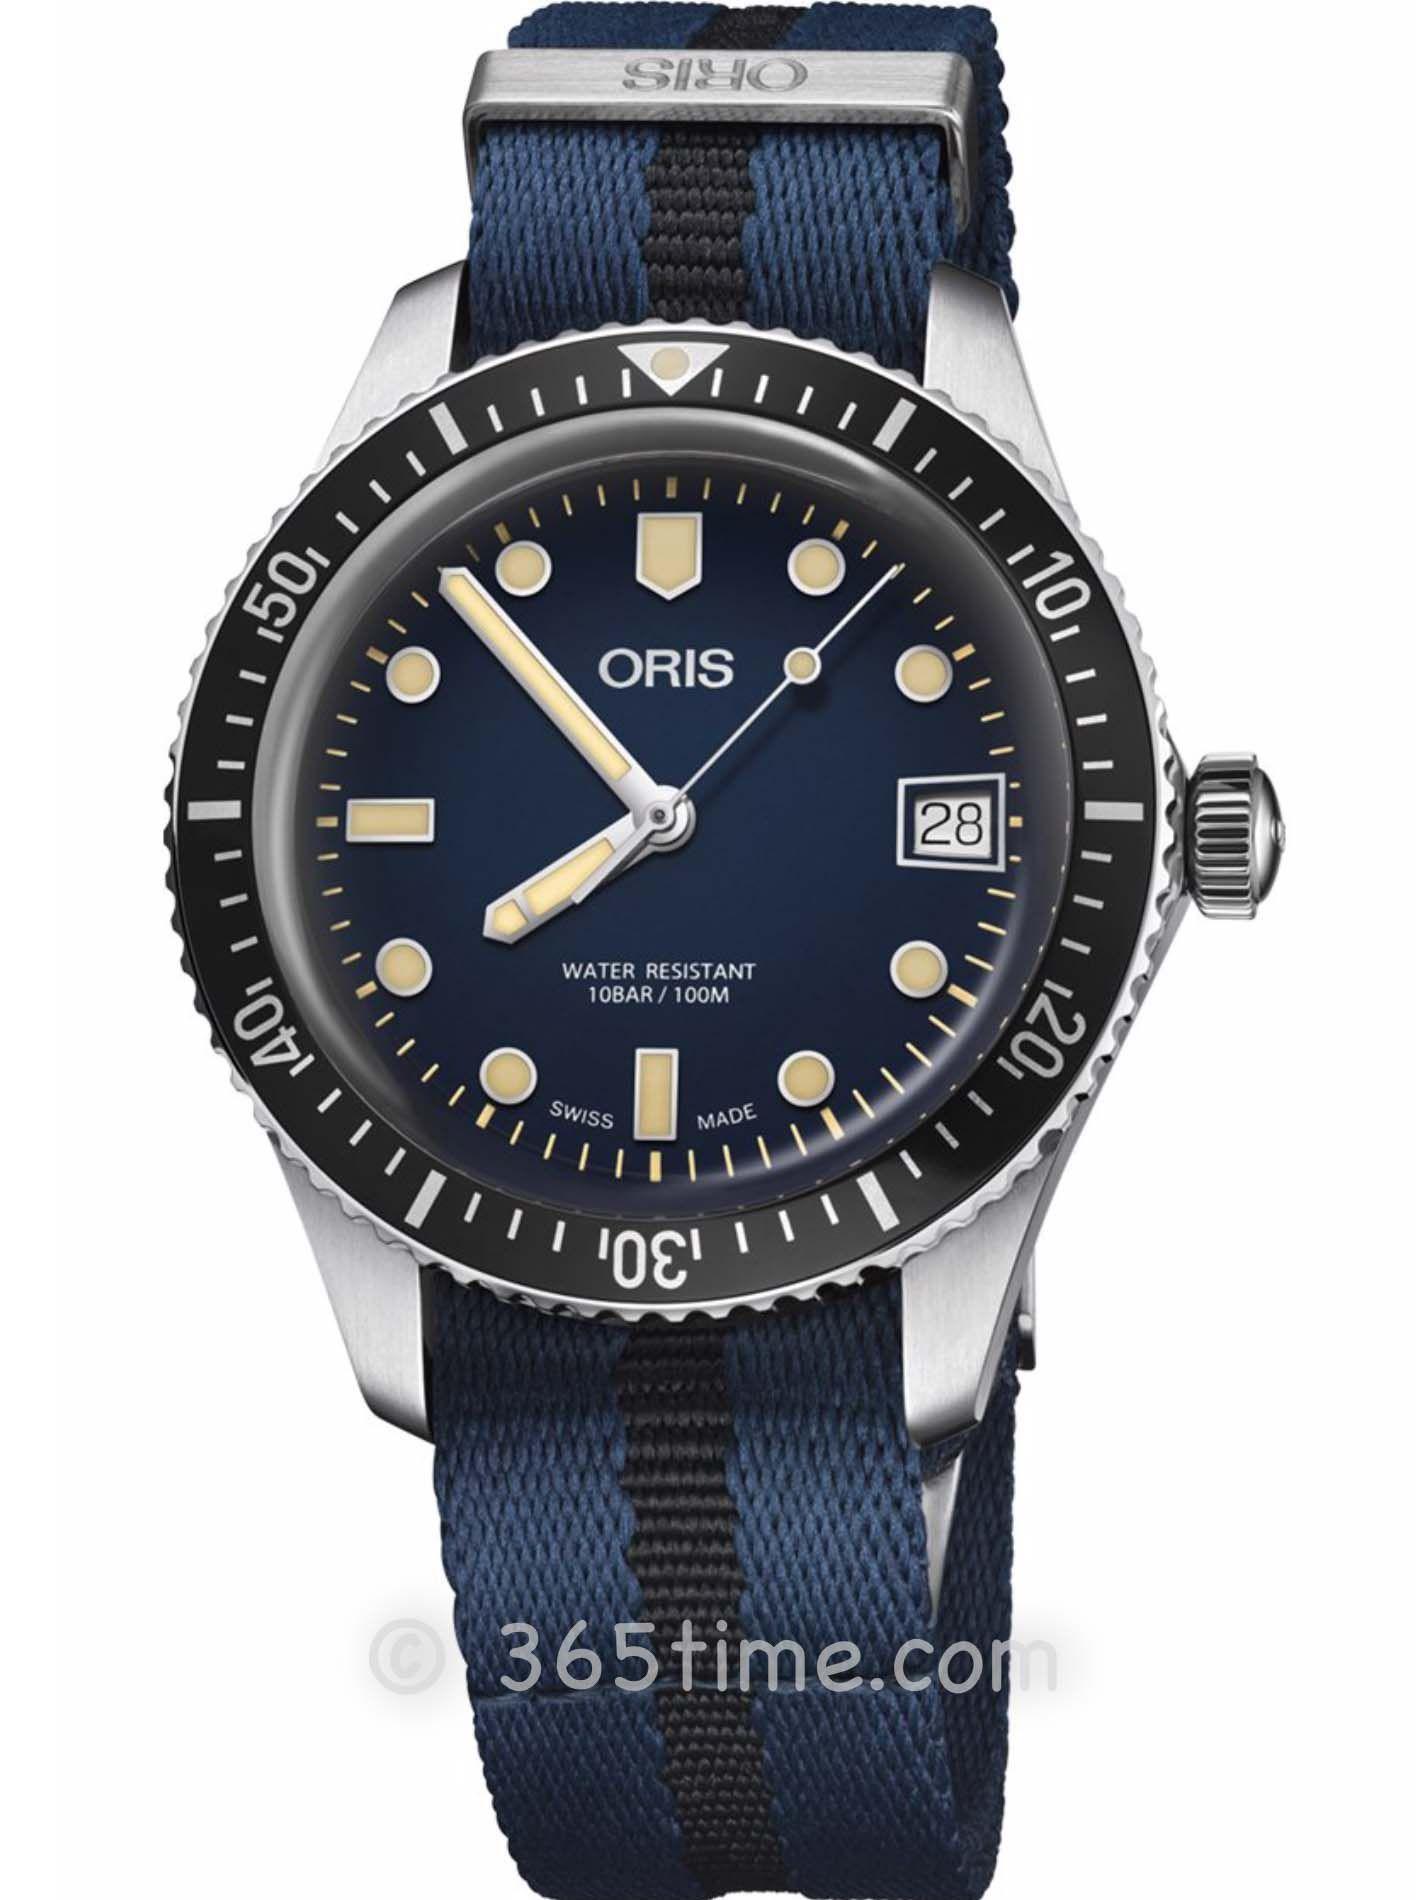 Oris豪利时潜水系列65年复刻版潜水腕表01 733 7747 4055-07 5 17 28